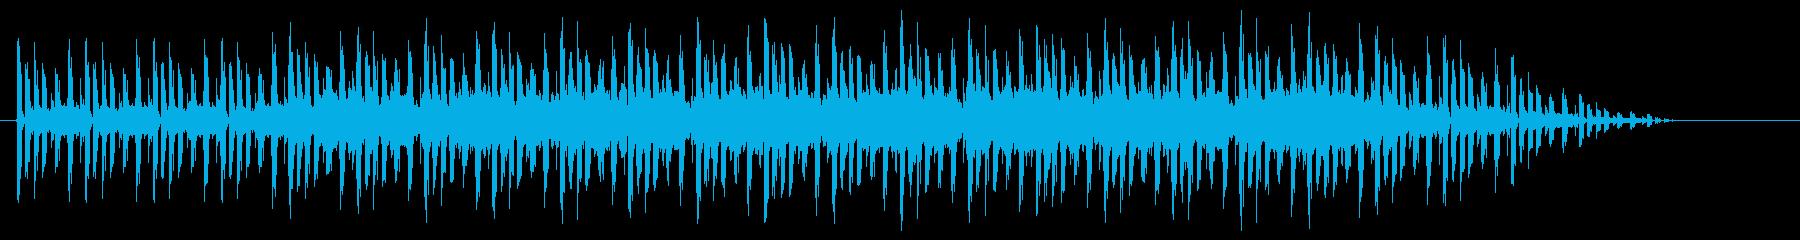 ファンキーなギター生演奏とシンセの再生済みの波形